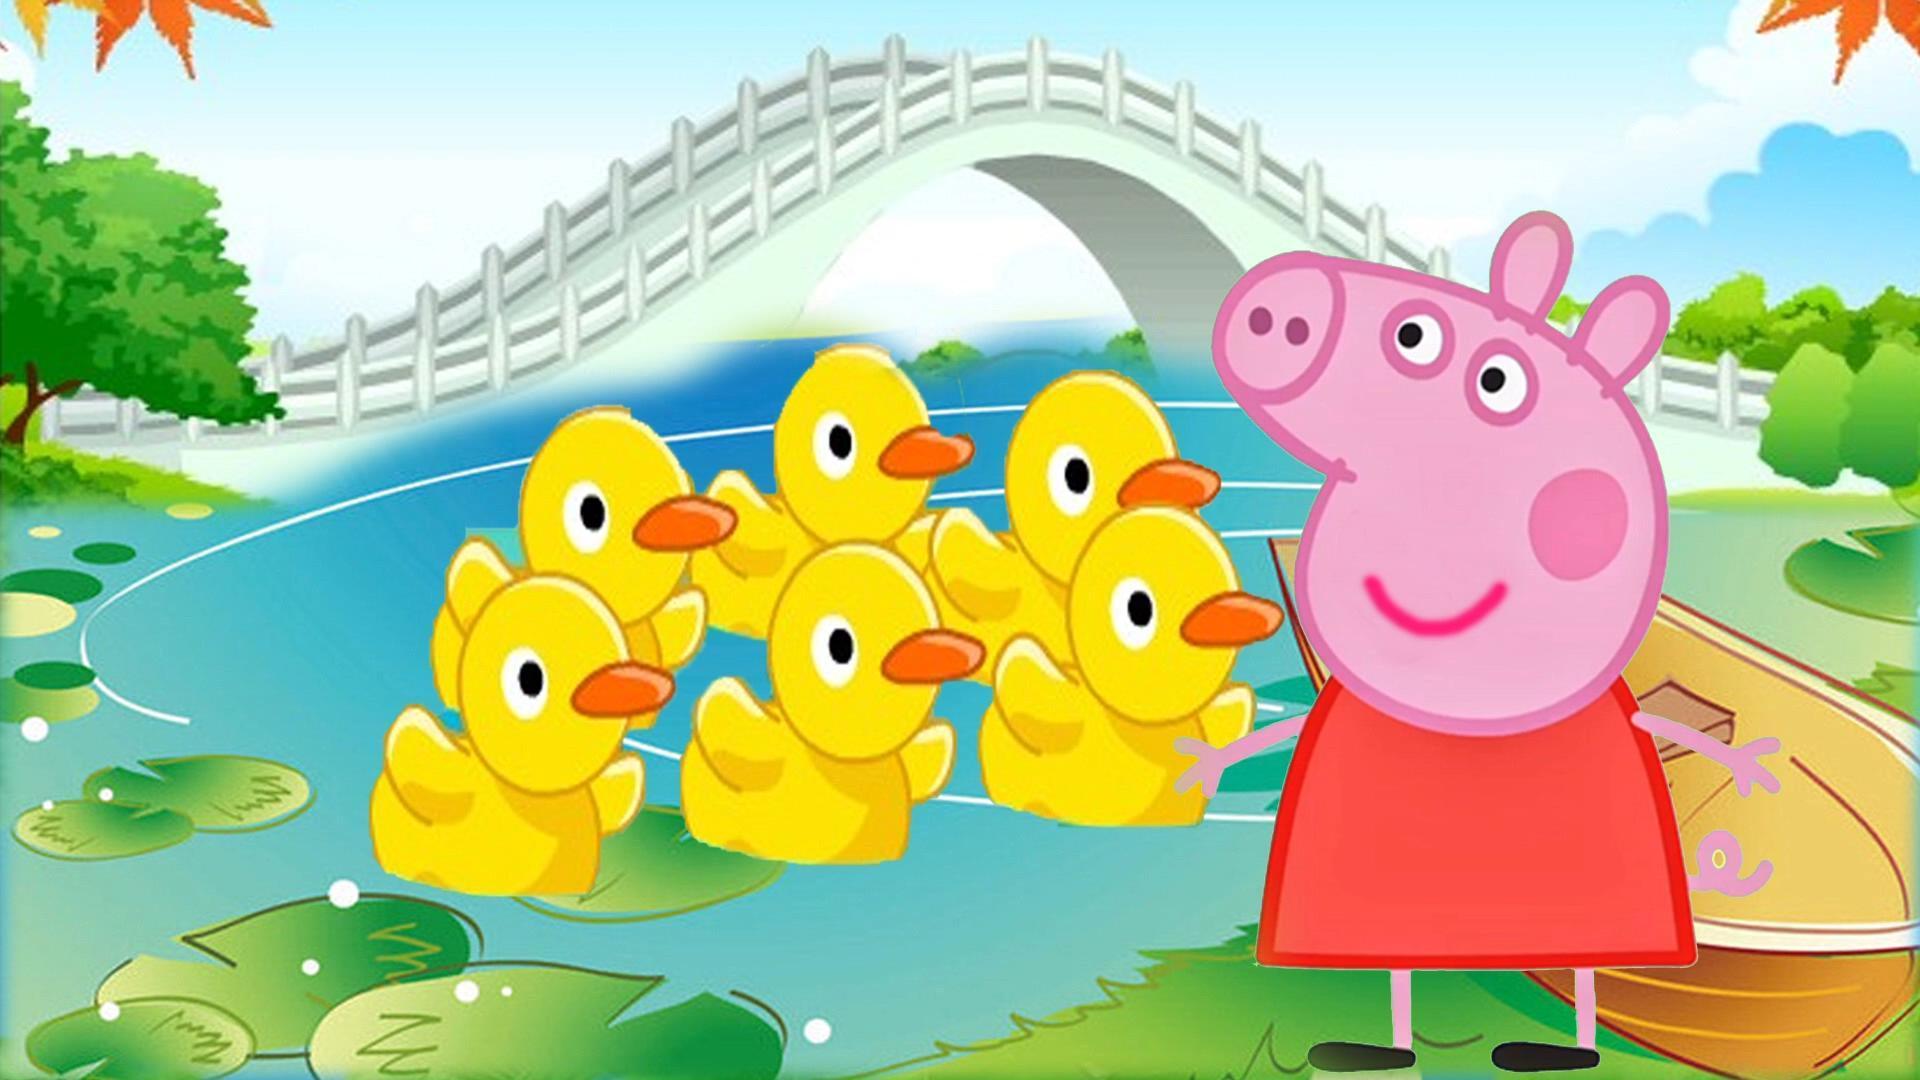 数鸭子 小猪佩奇数鸭子